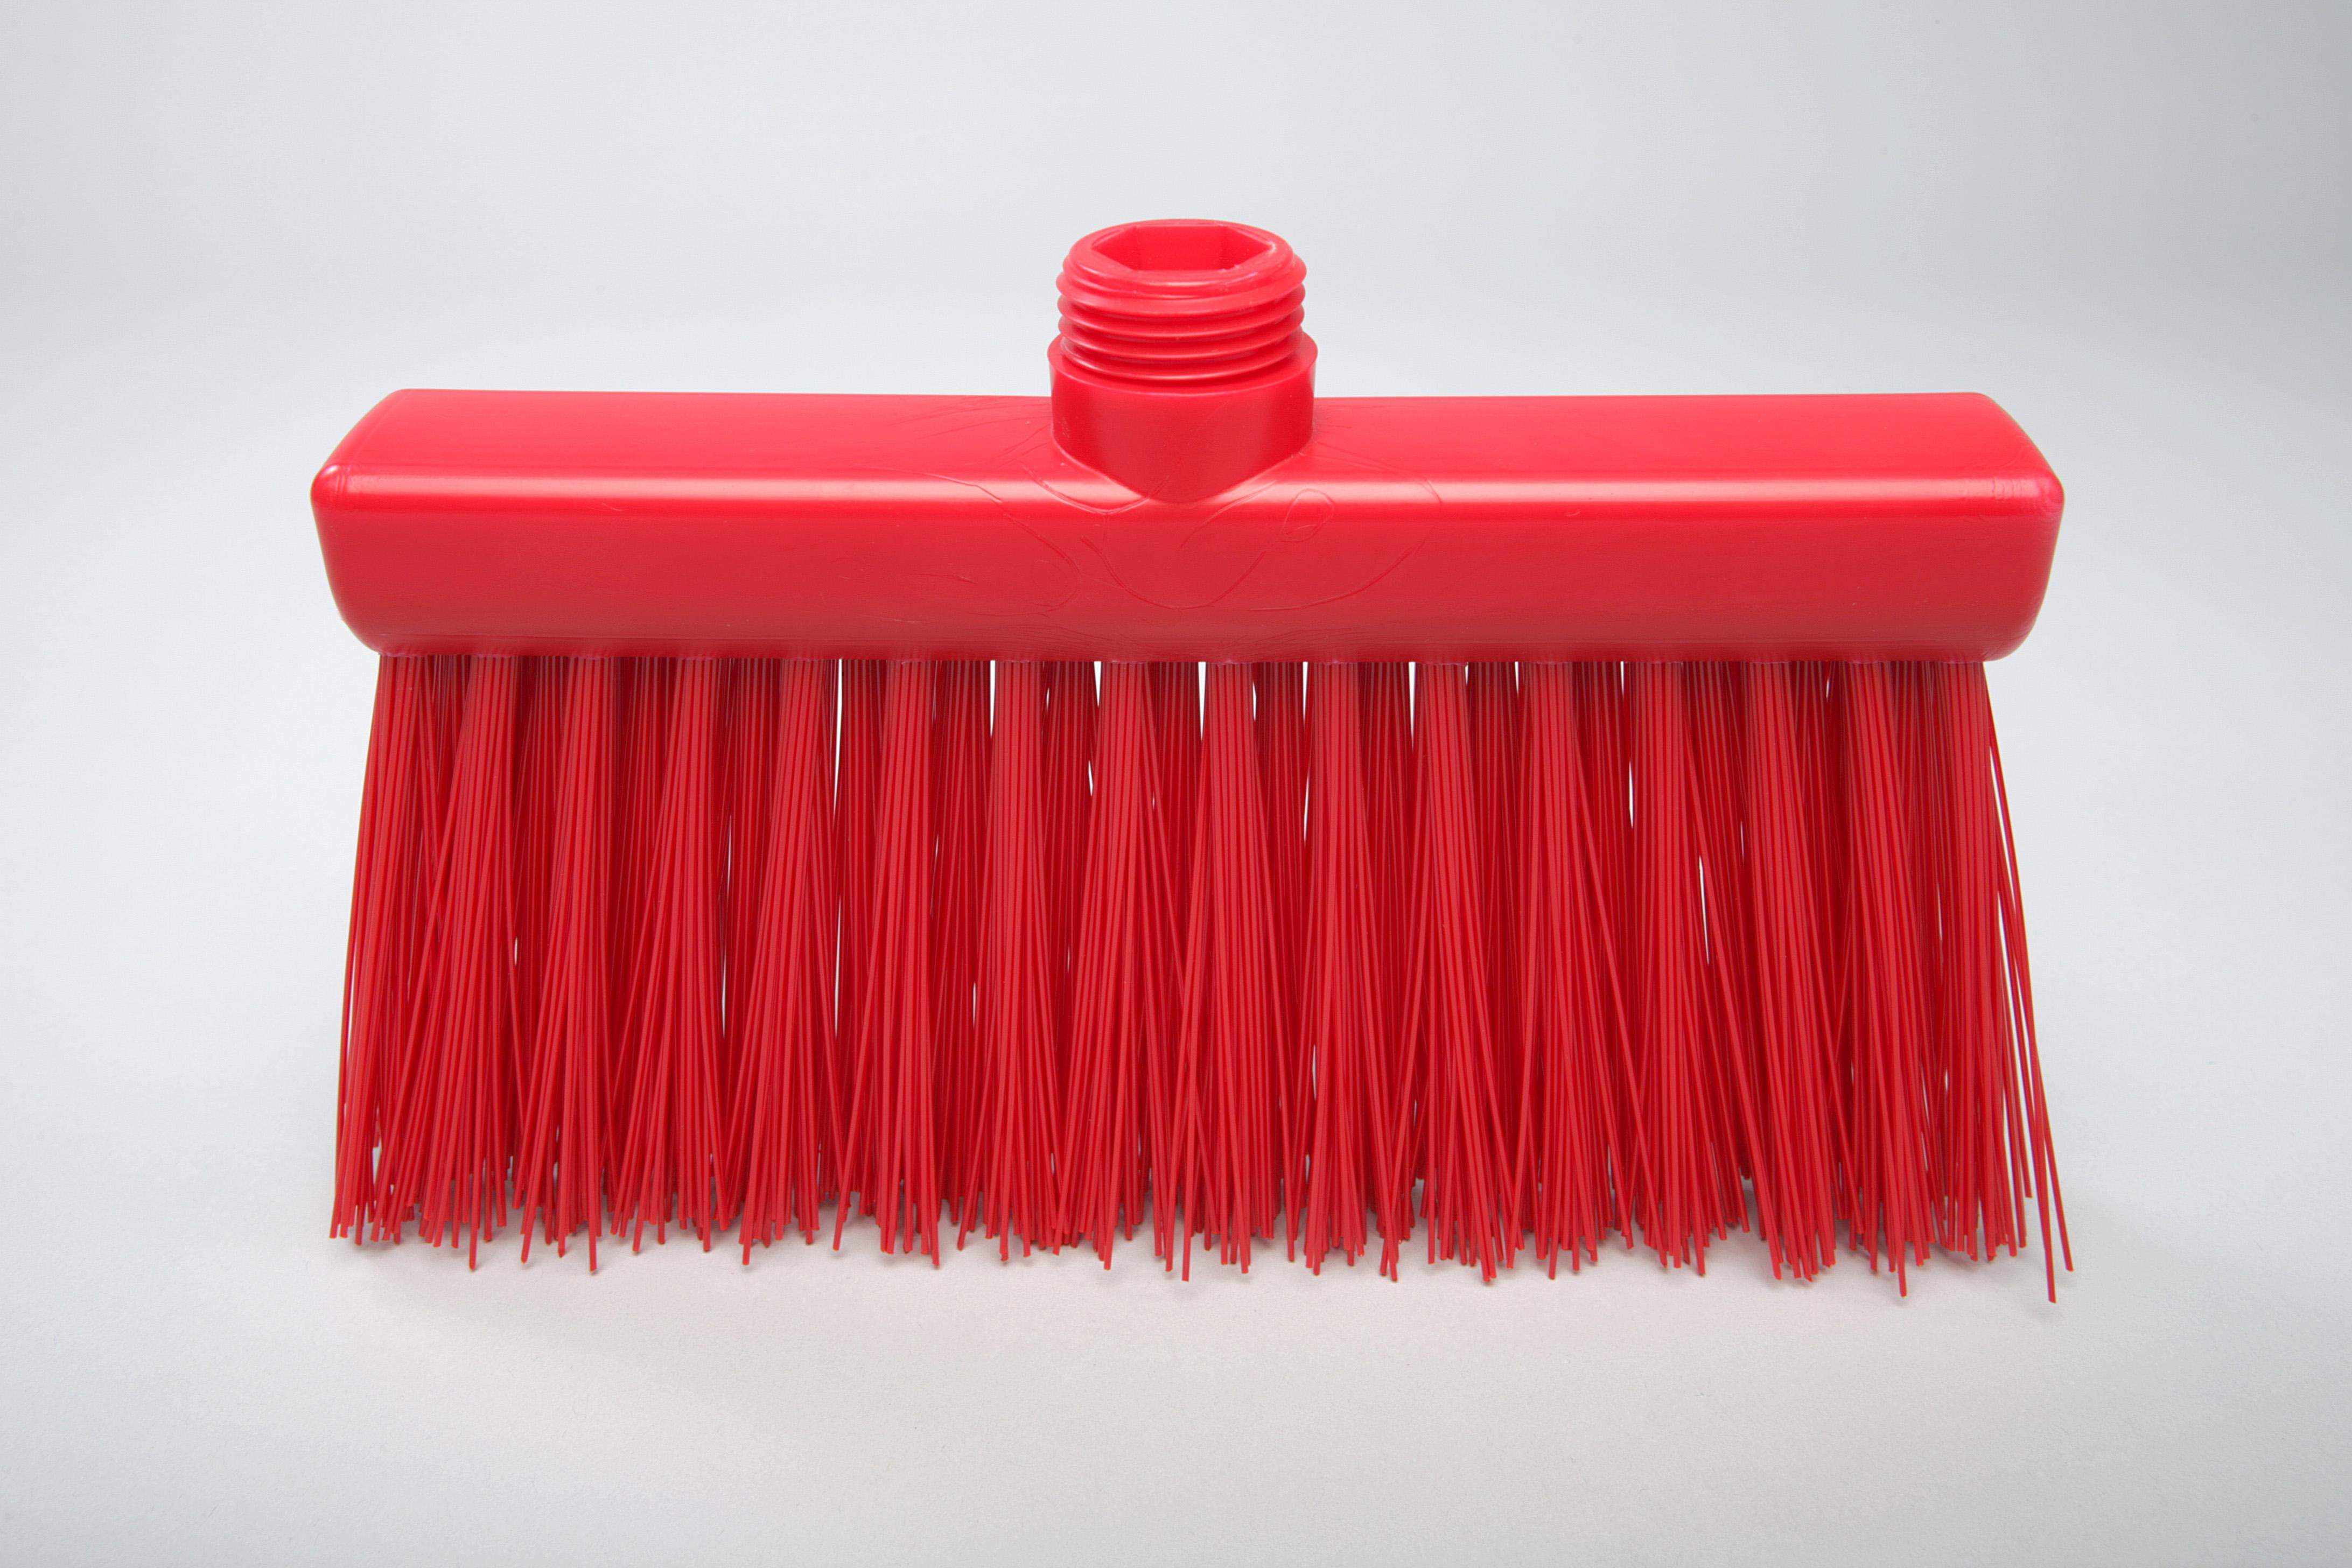 Unimop pühkimishari 260 x 35 x 105 mm, tugev, punane, kastis 6 tk